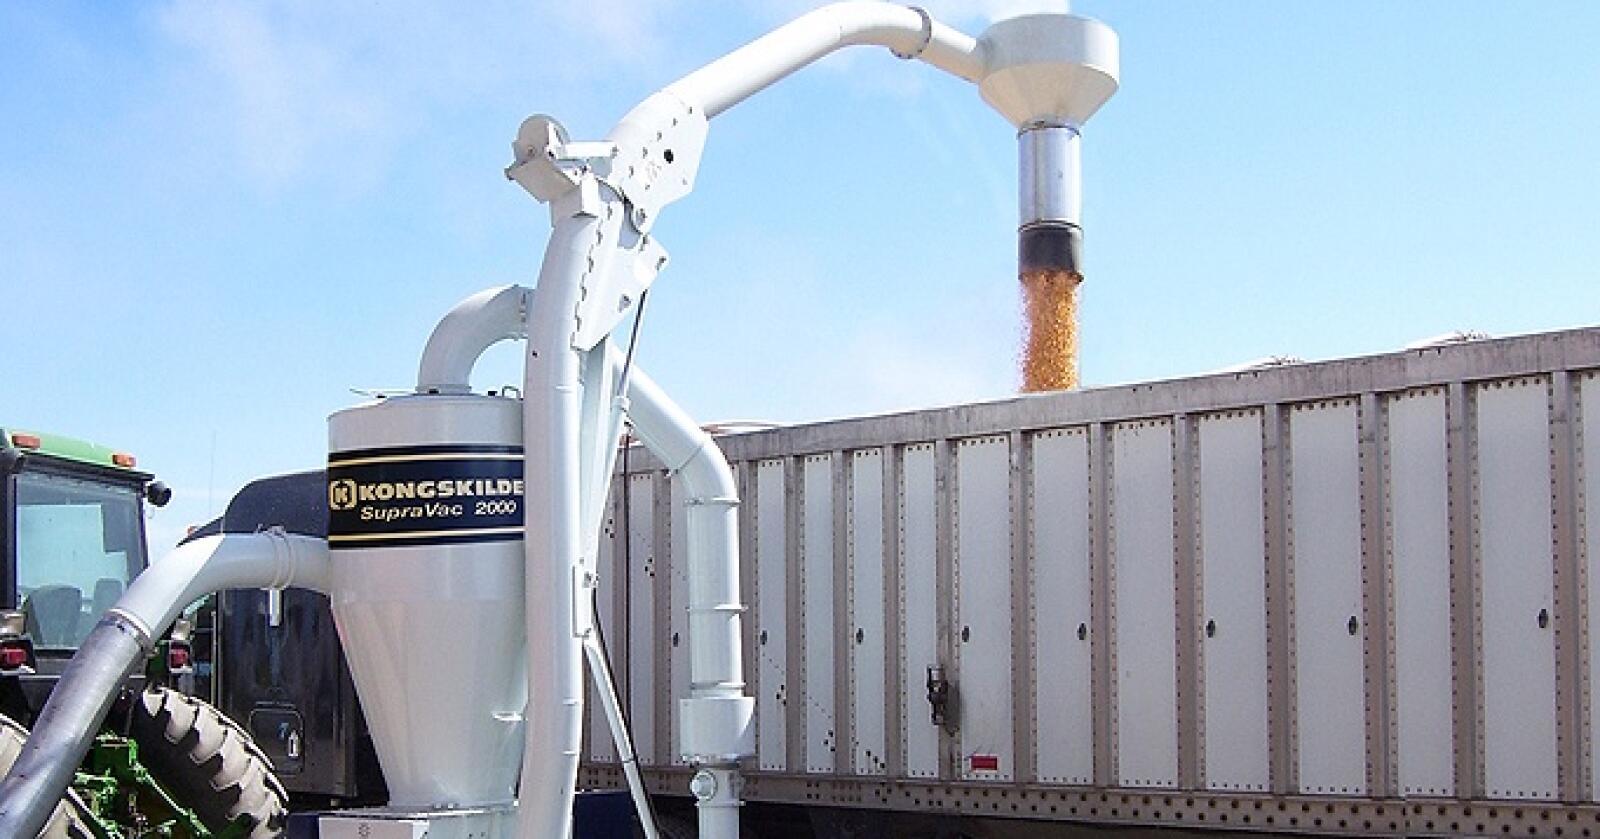 Grønt Maskin blir enedistributør for Kongskilde sine produkter til kornhåndtering og tørking i Norge. Foto: Grønt Maskin